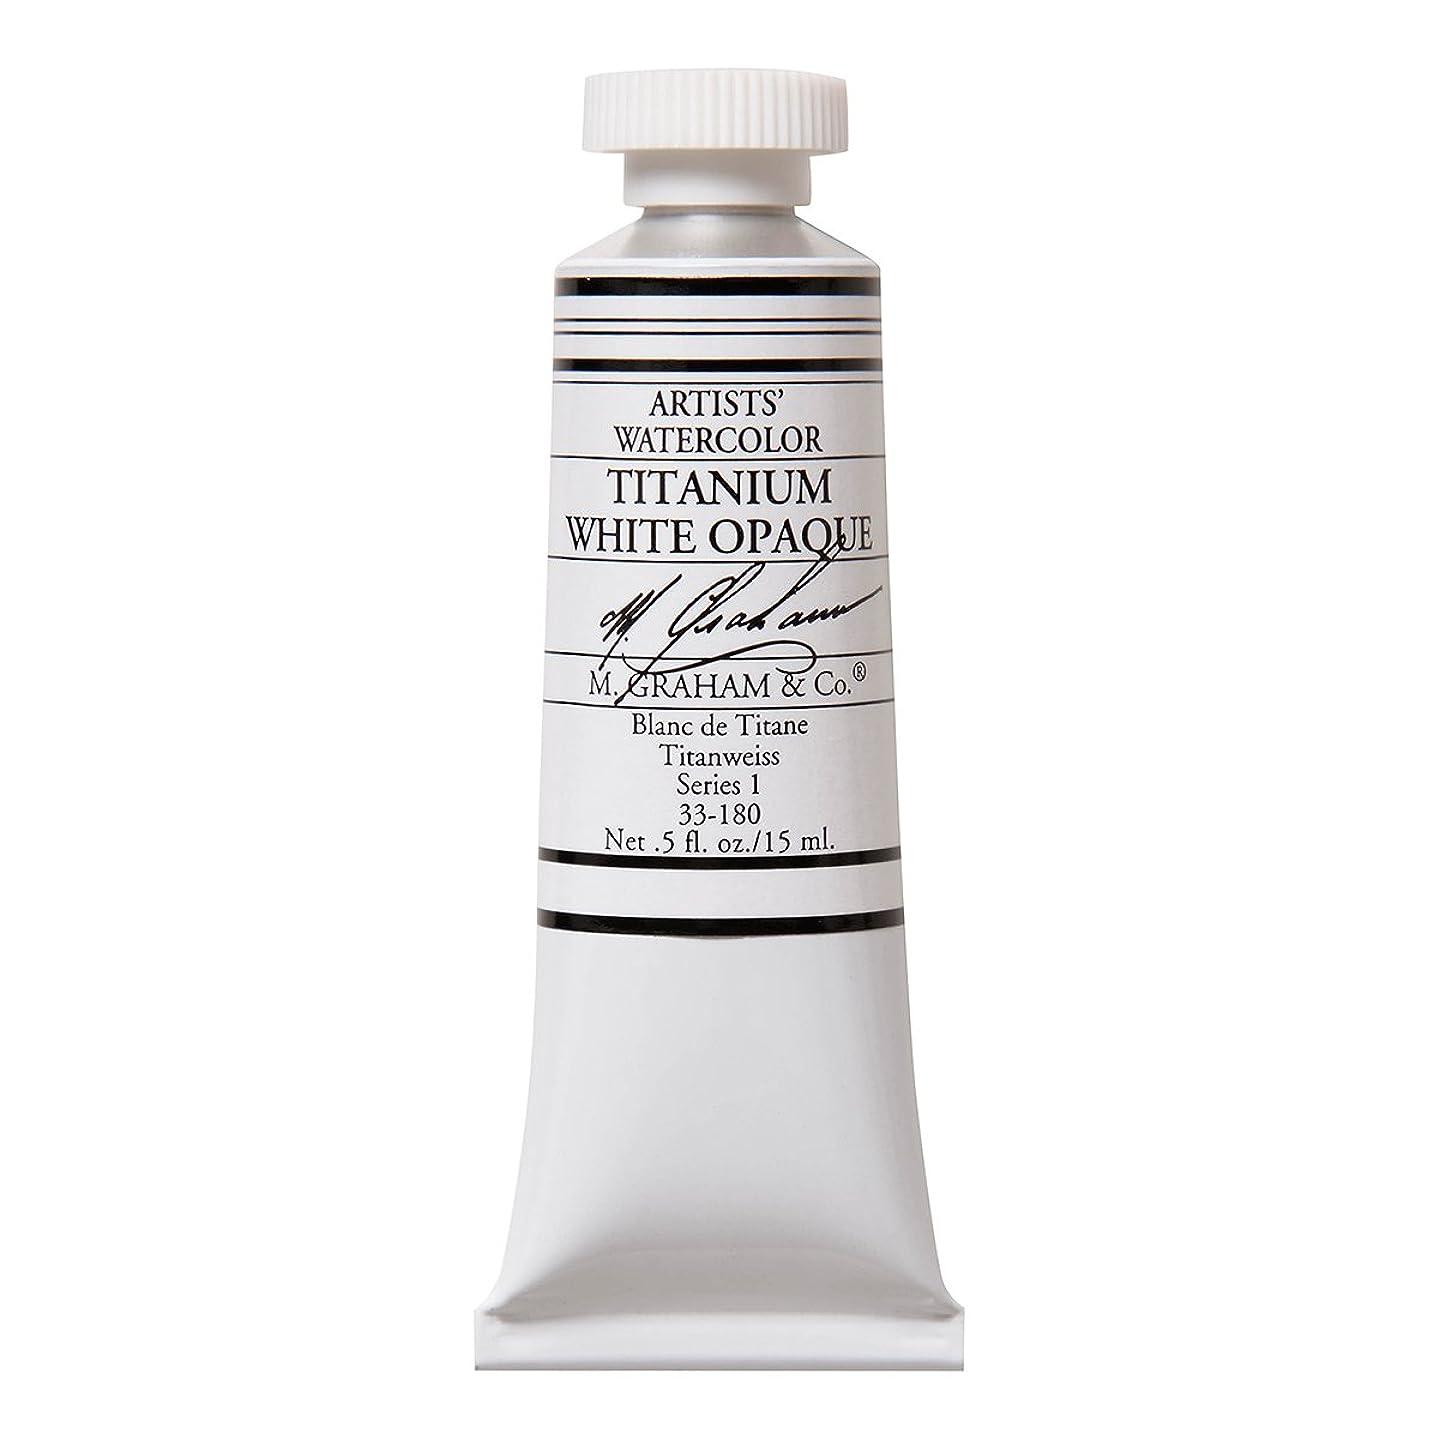 M. Graham 1/2-Ounce Tube Watercolor Paint, Titanium White Opaque (33-180)